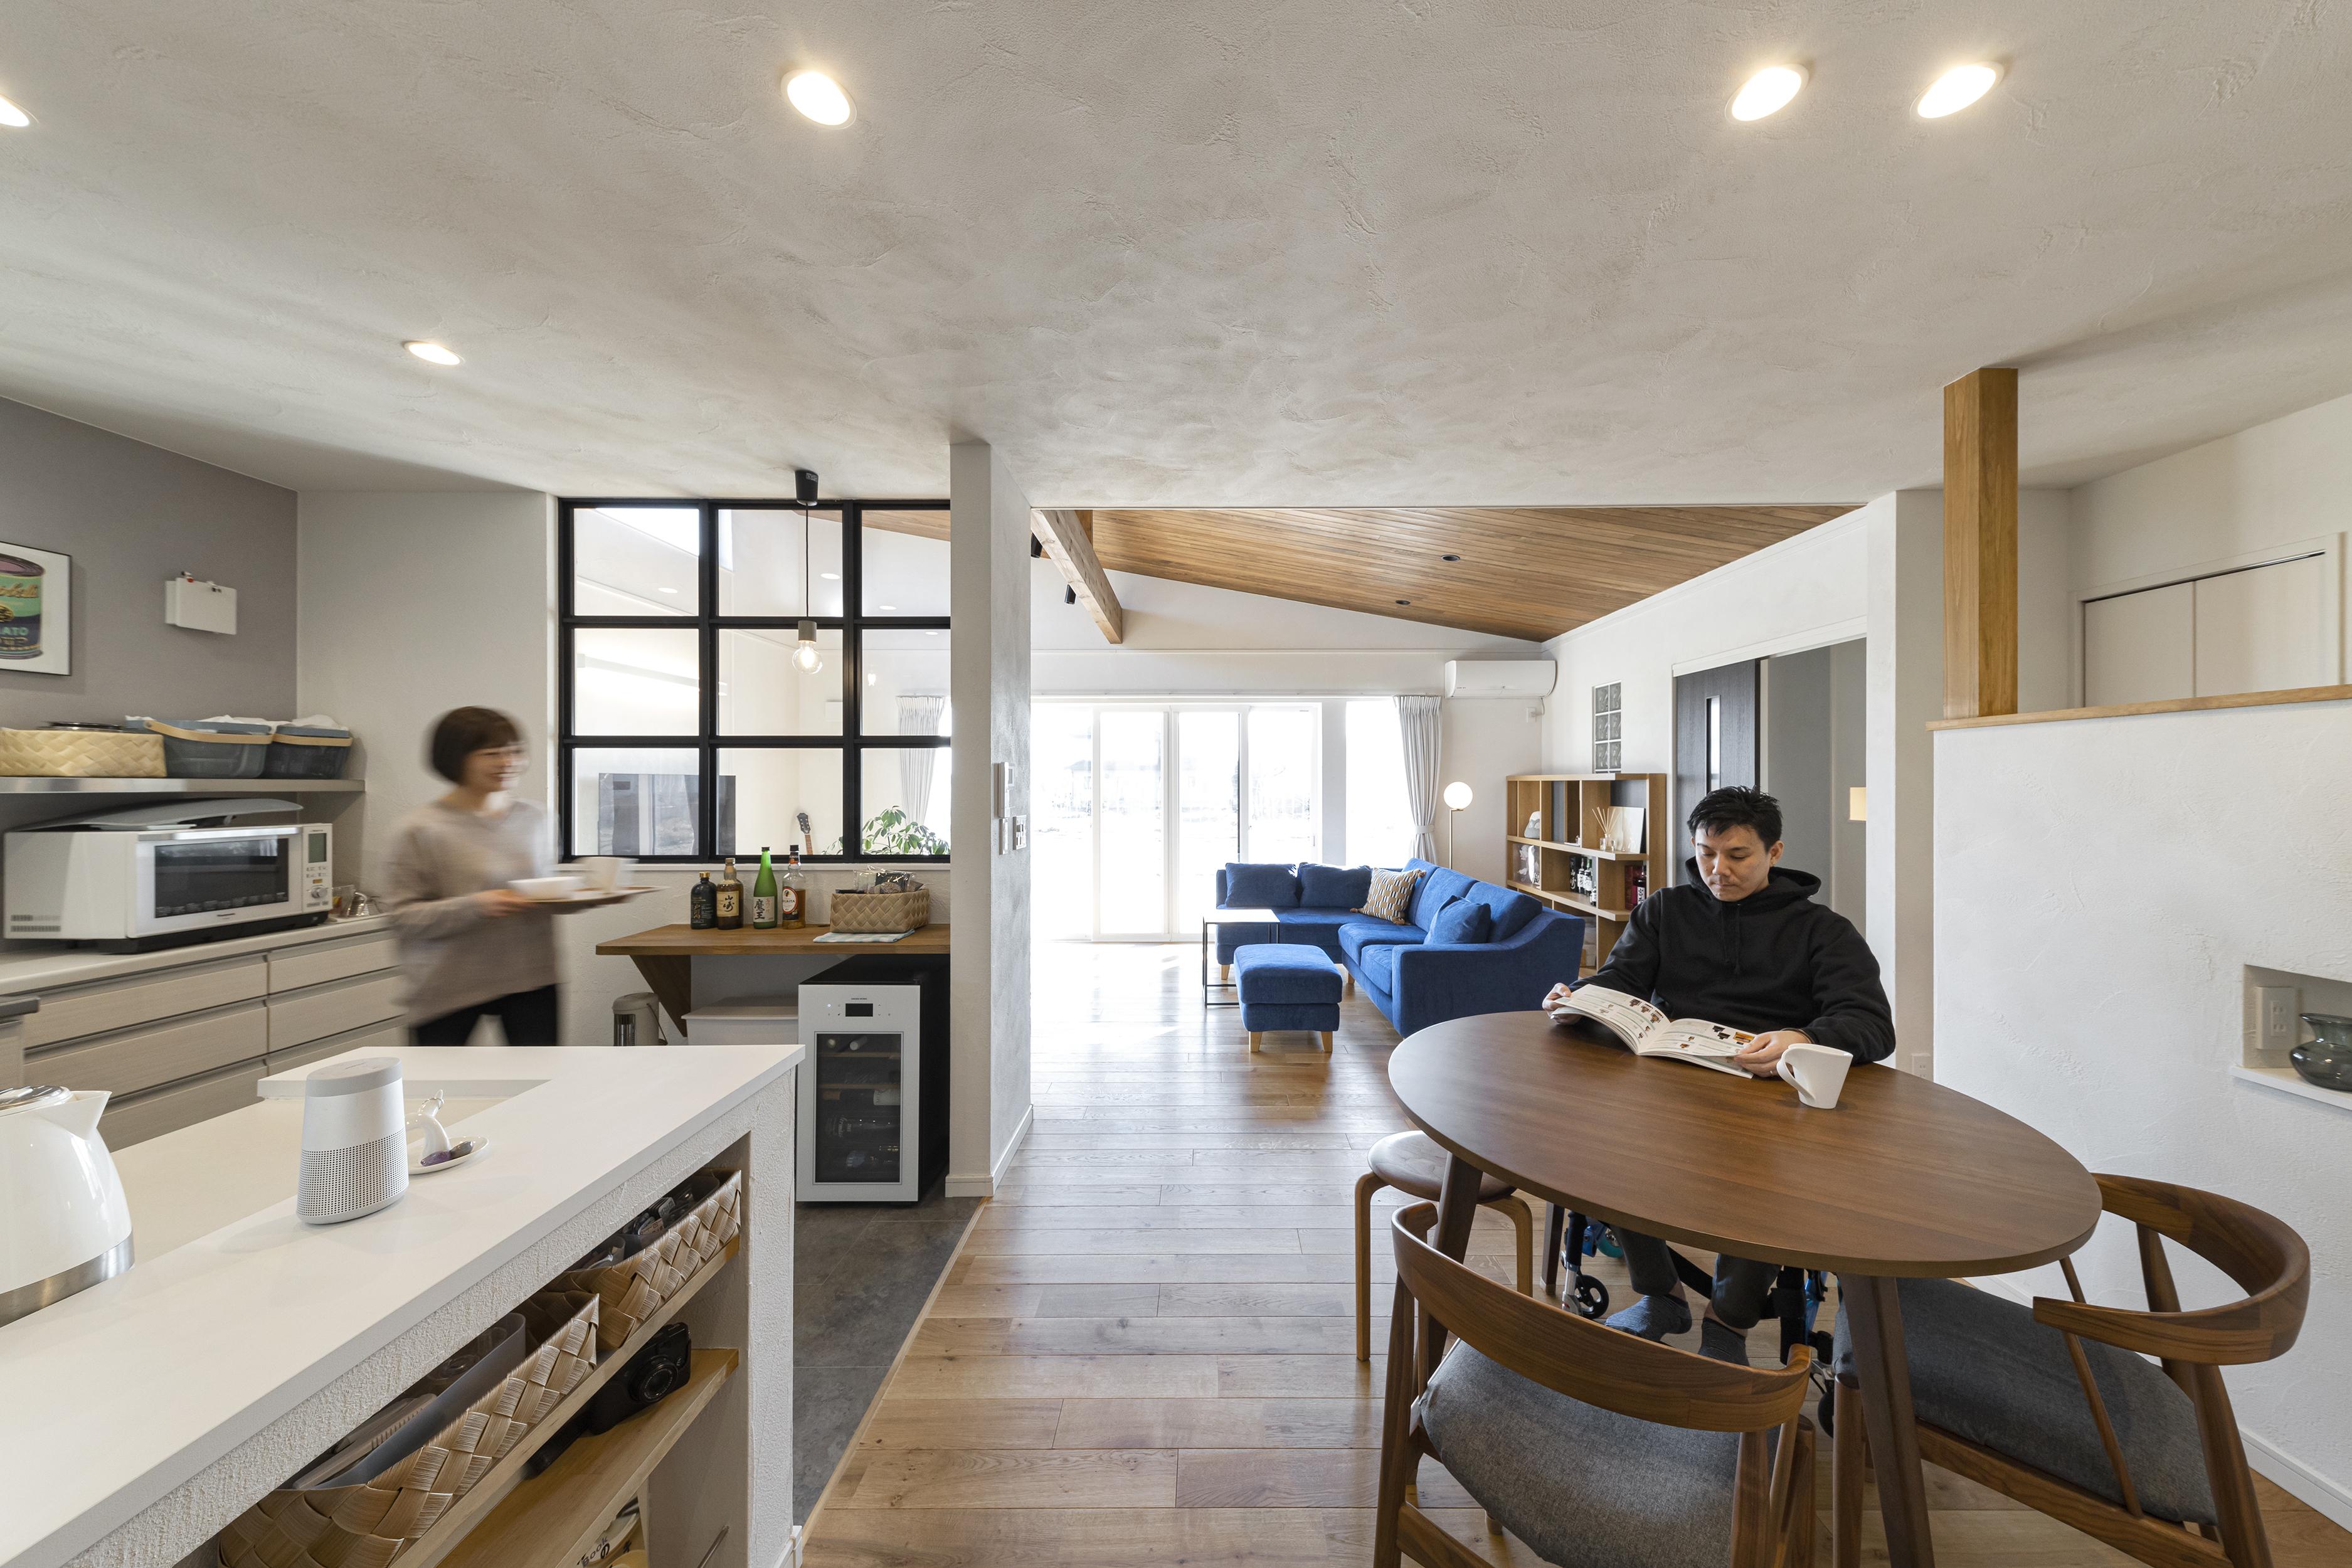 ゆとりある設計でのびのび暮らす、板張り×勾配天井のある平屋